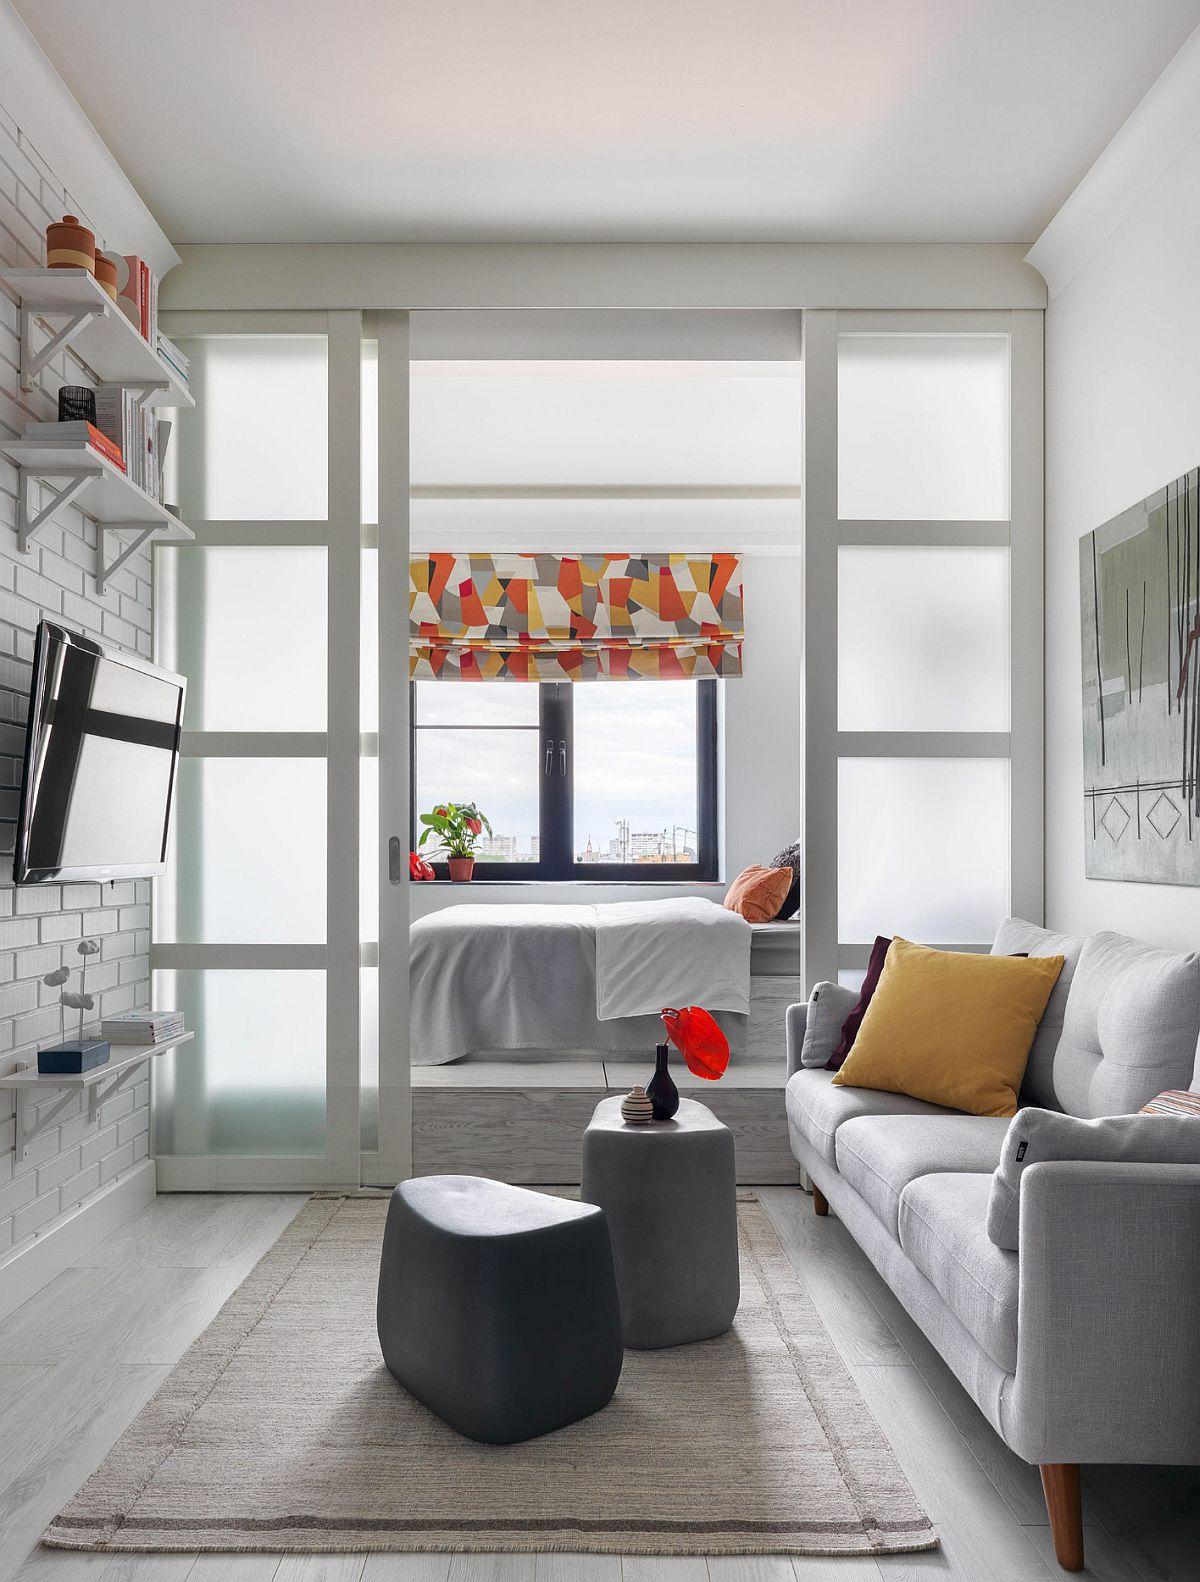 Dormitorul este separat față de living prin intermediul unor uși culisante cu sticlă sablată, realizate pe comandă, care lasă lumina să pătrundă către zona de zi. Un compromis necesar atunci când se doresc mai multe funcțiuni într-o locuință modestă. Spațiul livingului este mic, practic cât lungimea canapelei, dar deschiderea către bucătărie ajută, la fel ca și deschiderea către dormitor.